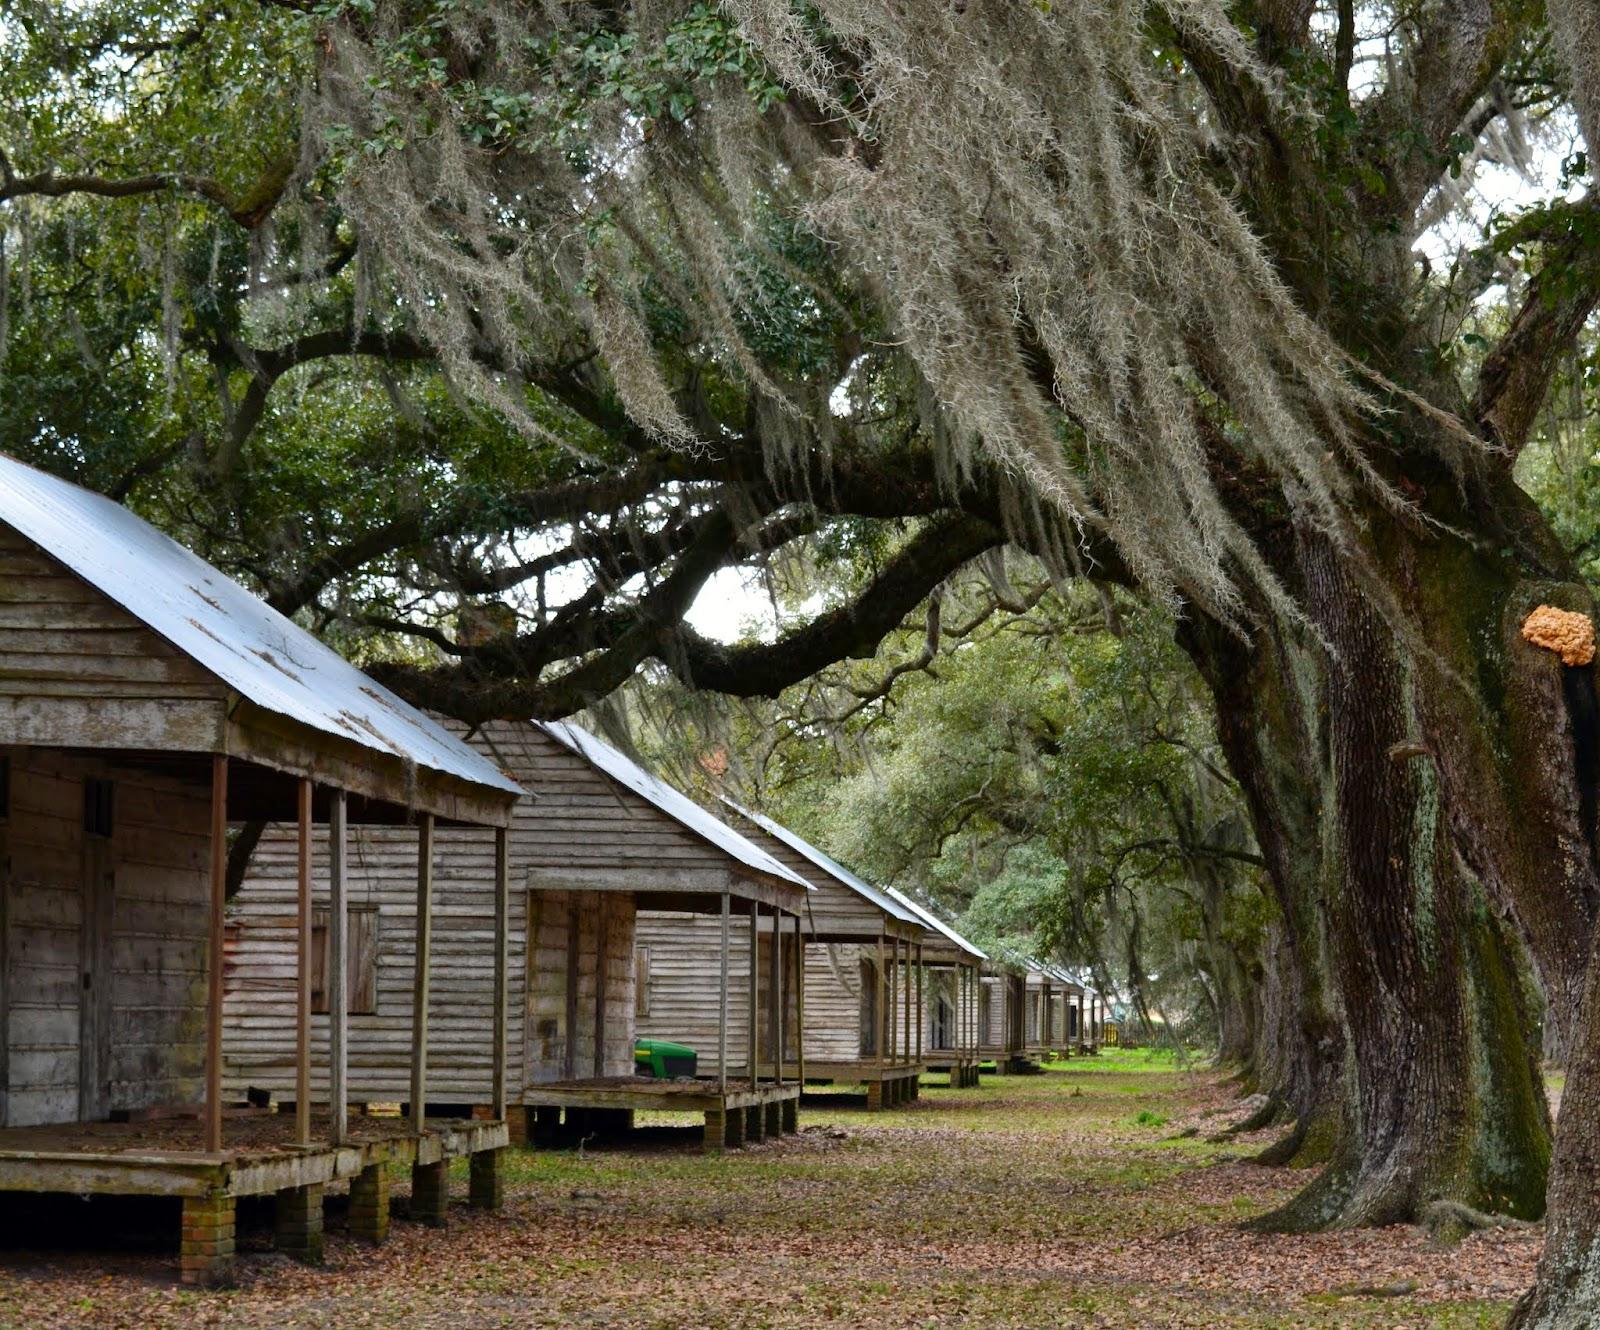 Mille Fiori Favoriti: Oak Alley and Evergreen Plantations